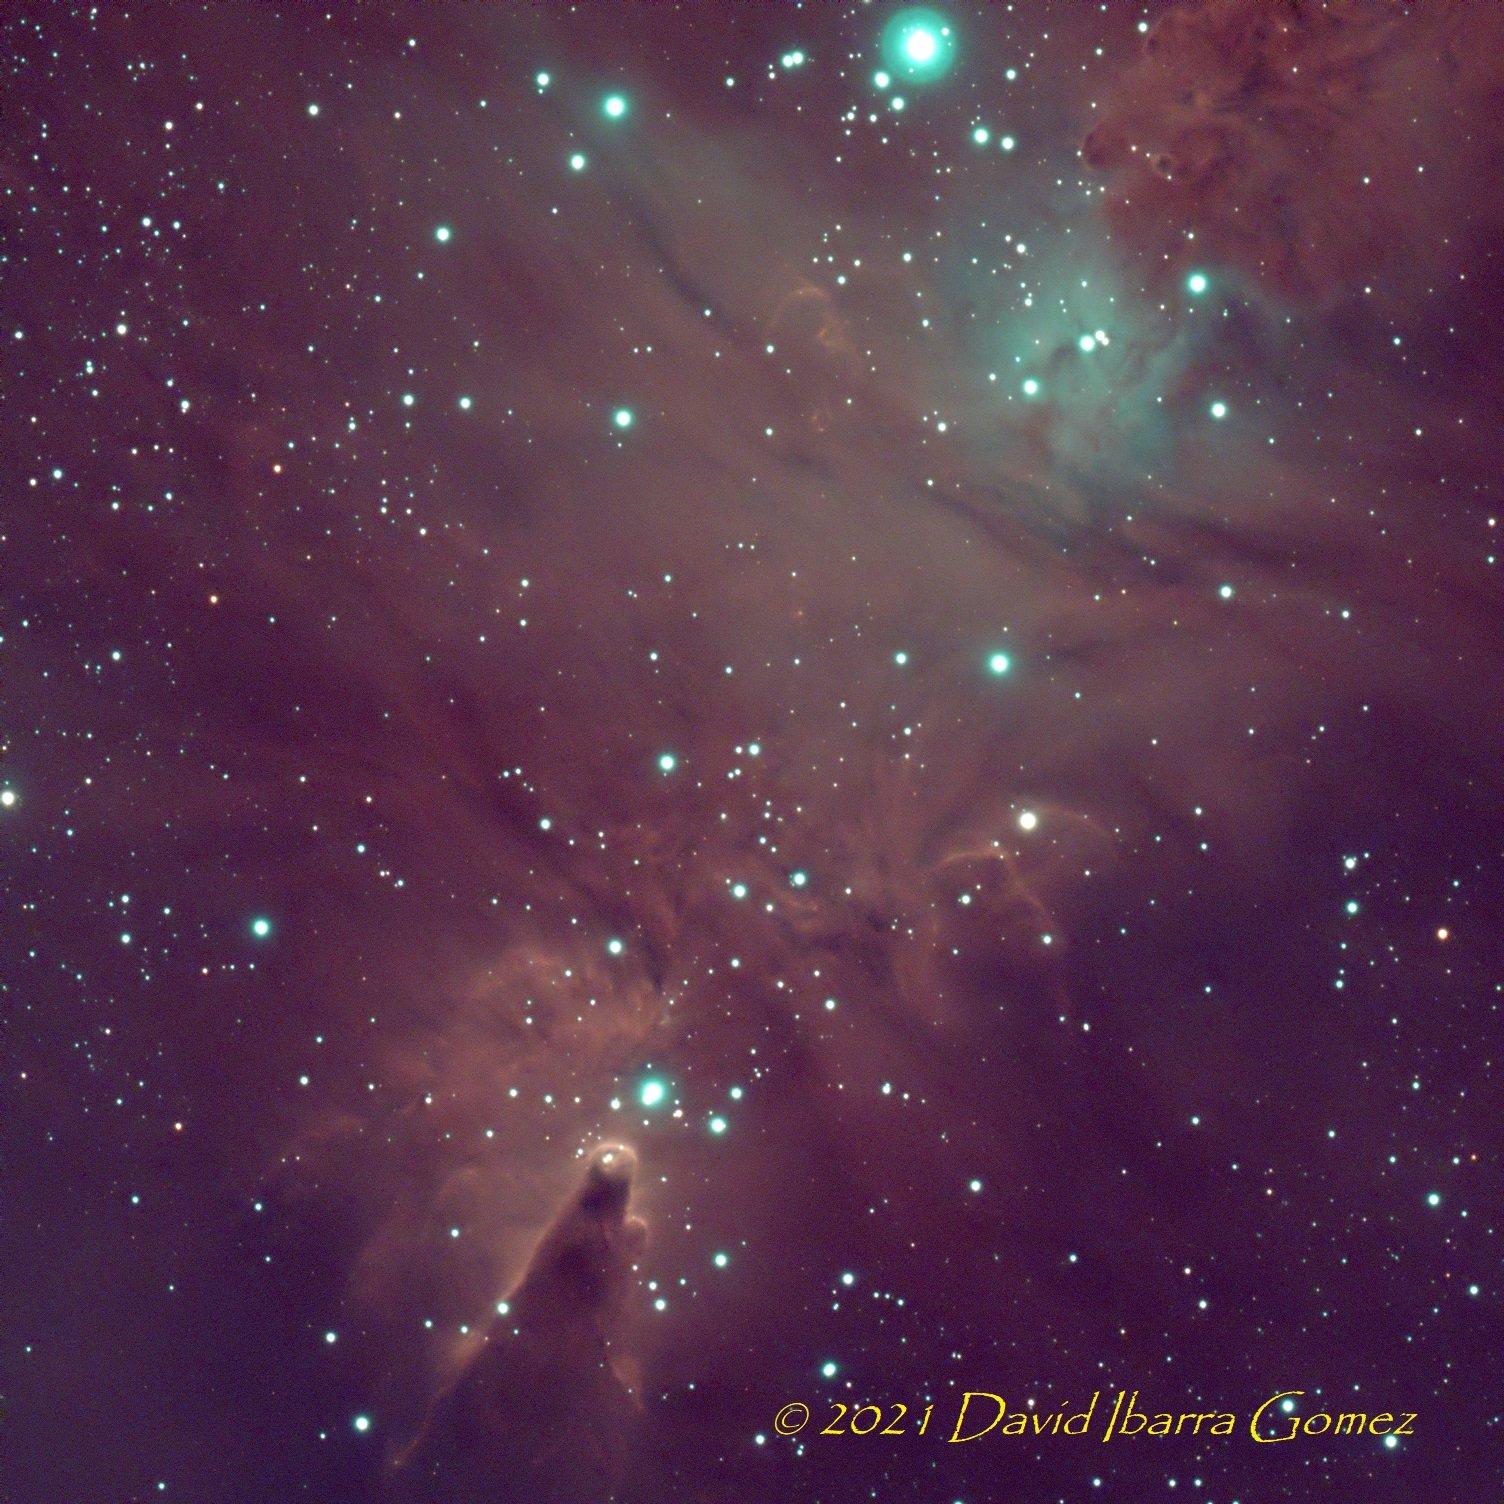 Nebulosa Del Cono - David Ibarra